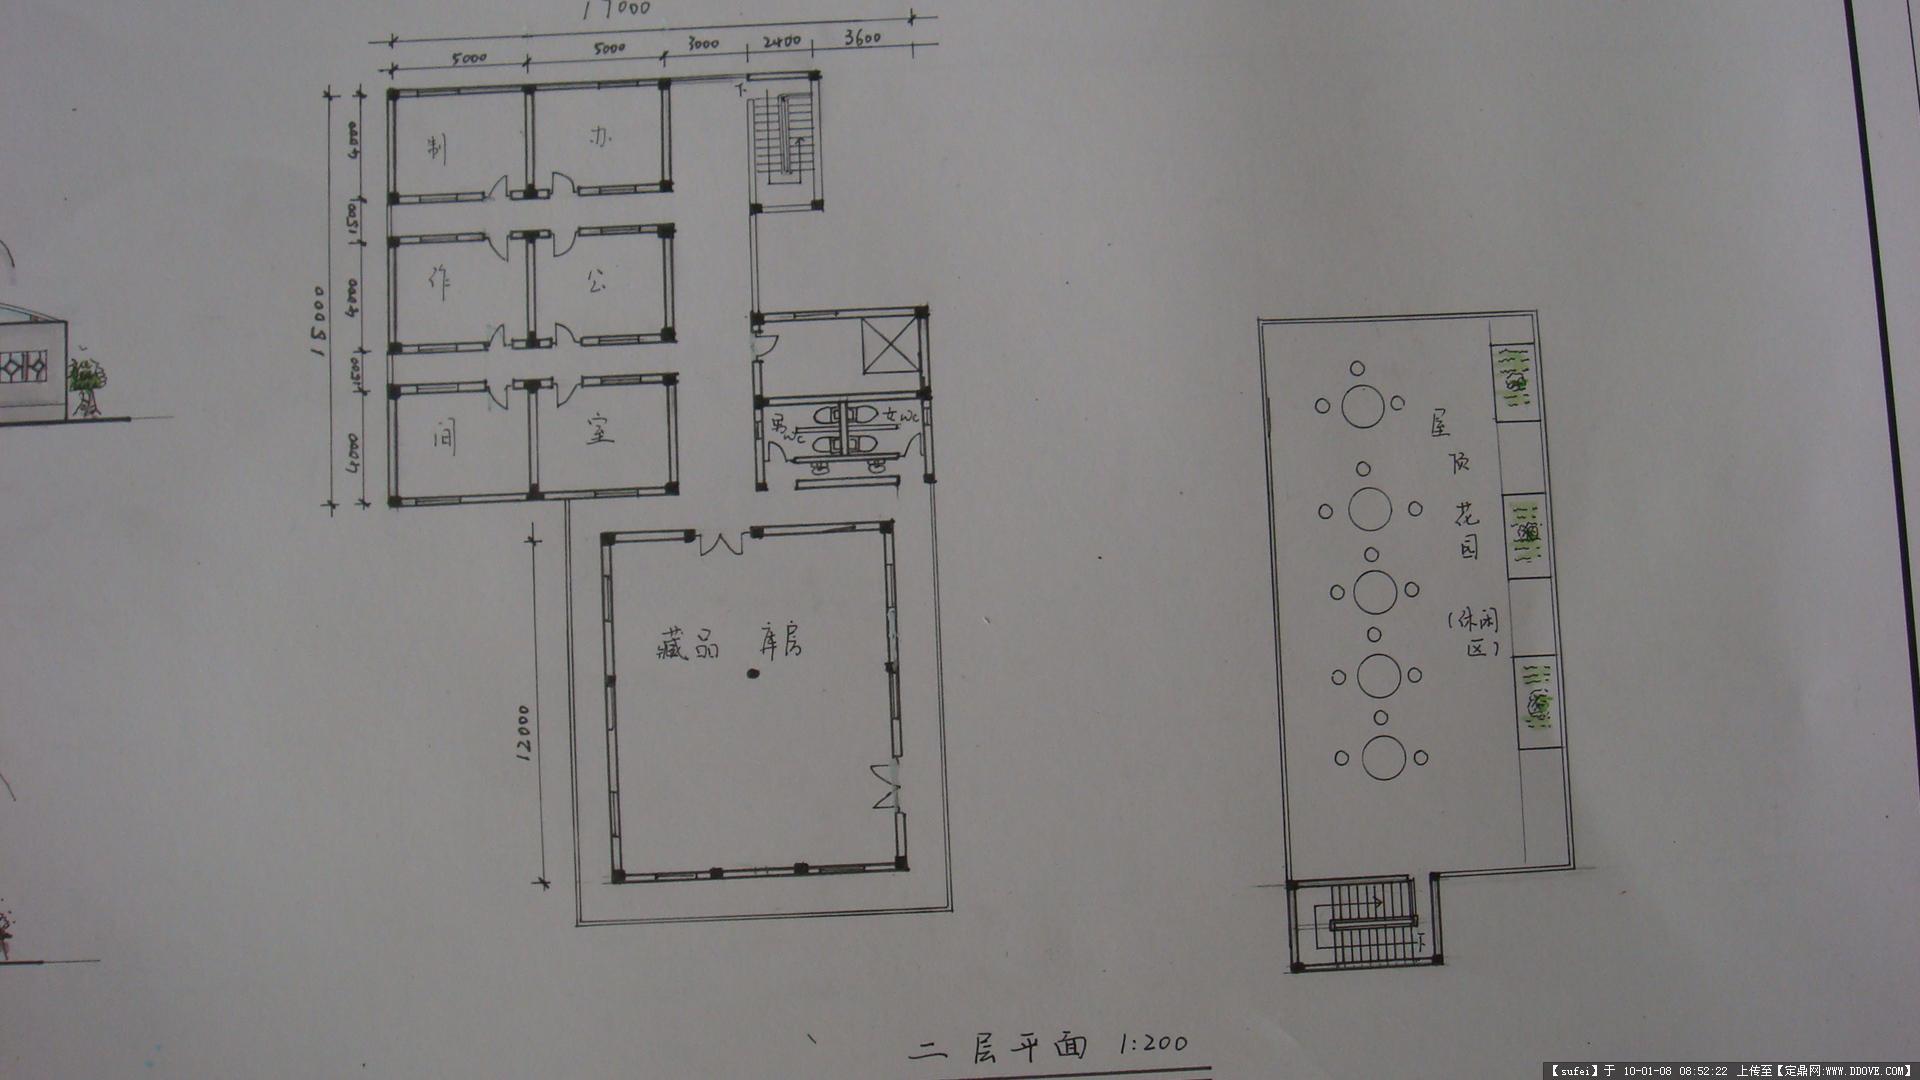 小展览馆设计手绘图纸6张